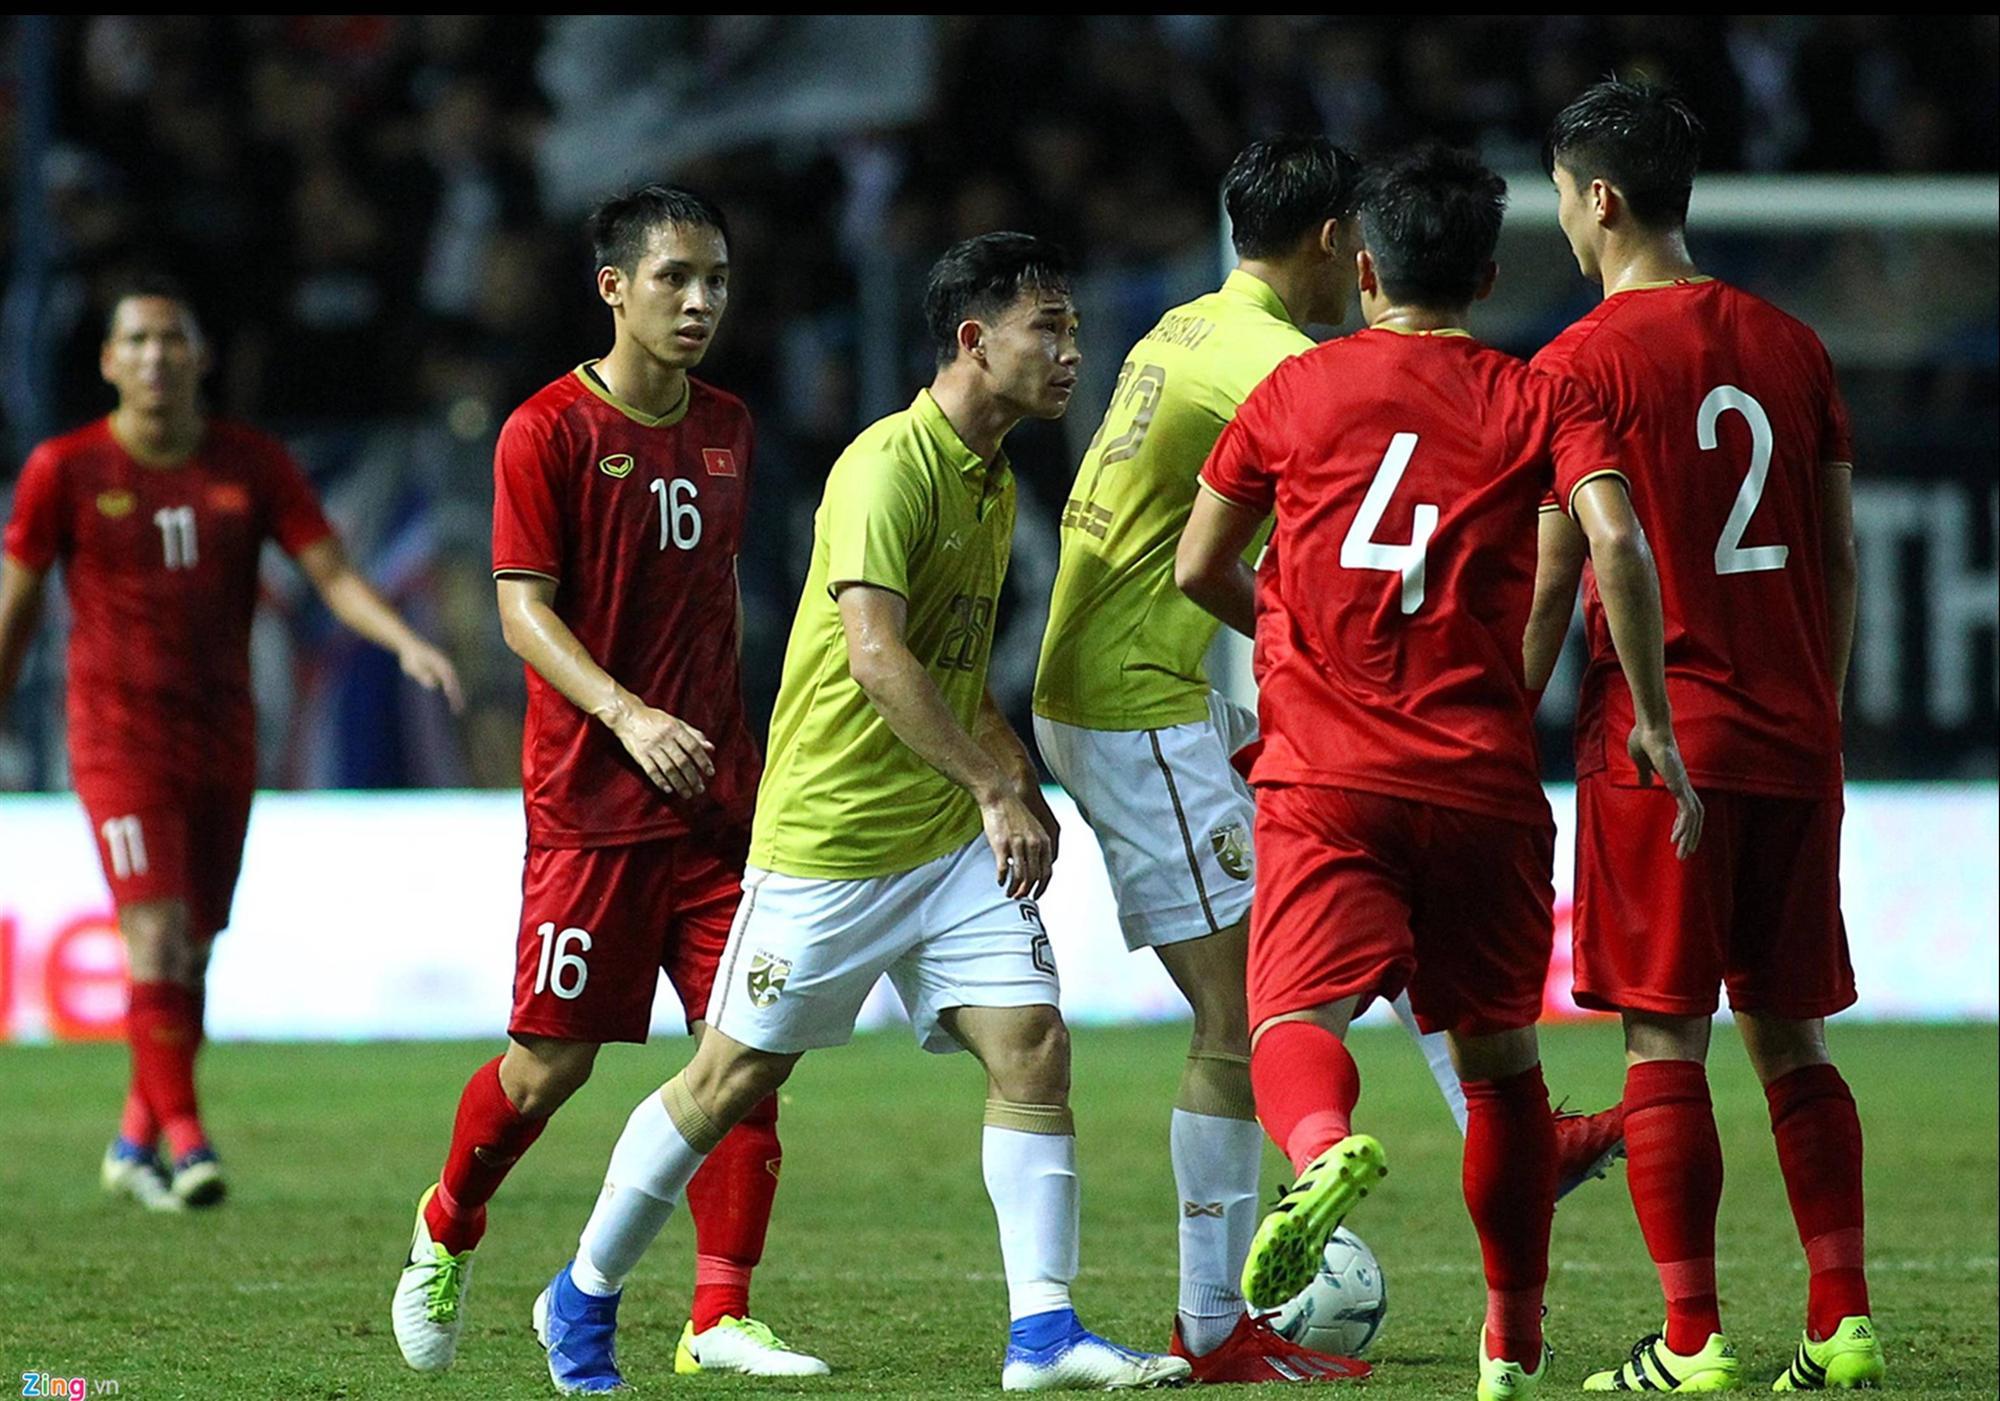 Vì sao Đoàn Văn Hậu bị cầu thủ Thái Lan vả thẳng vào mặt-2